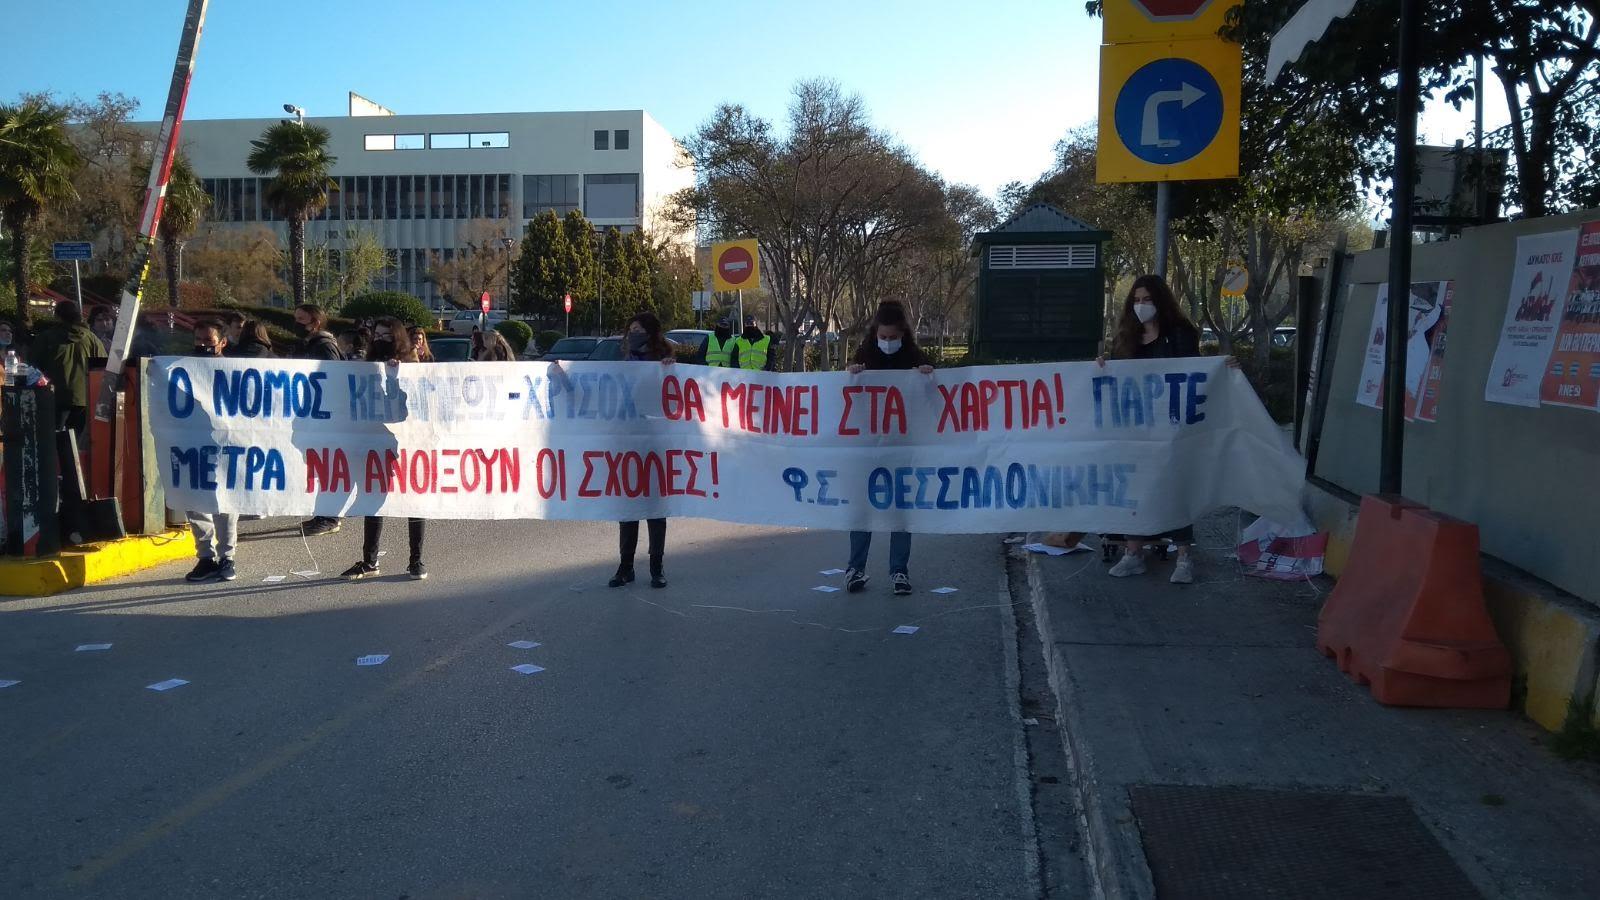 Θεσσαλονίκη: Συνεχίζεται ο αποκλεισμός του ΑΠΘ από φοιτητές (pics)